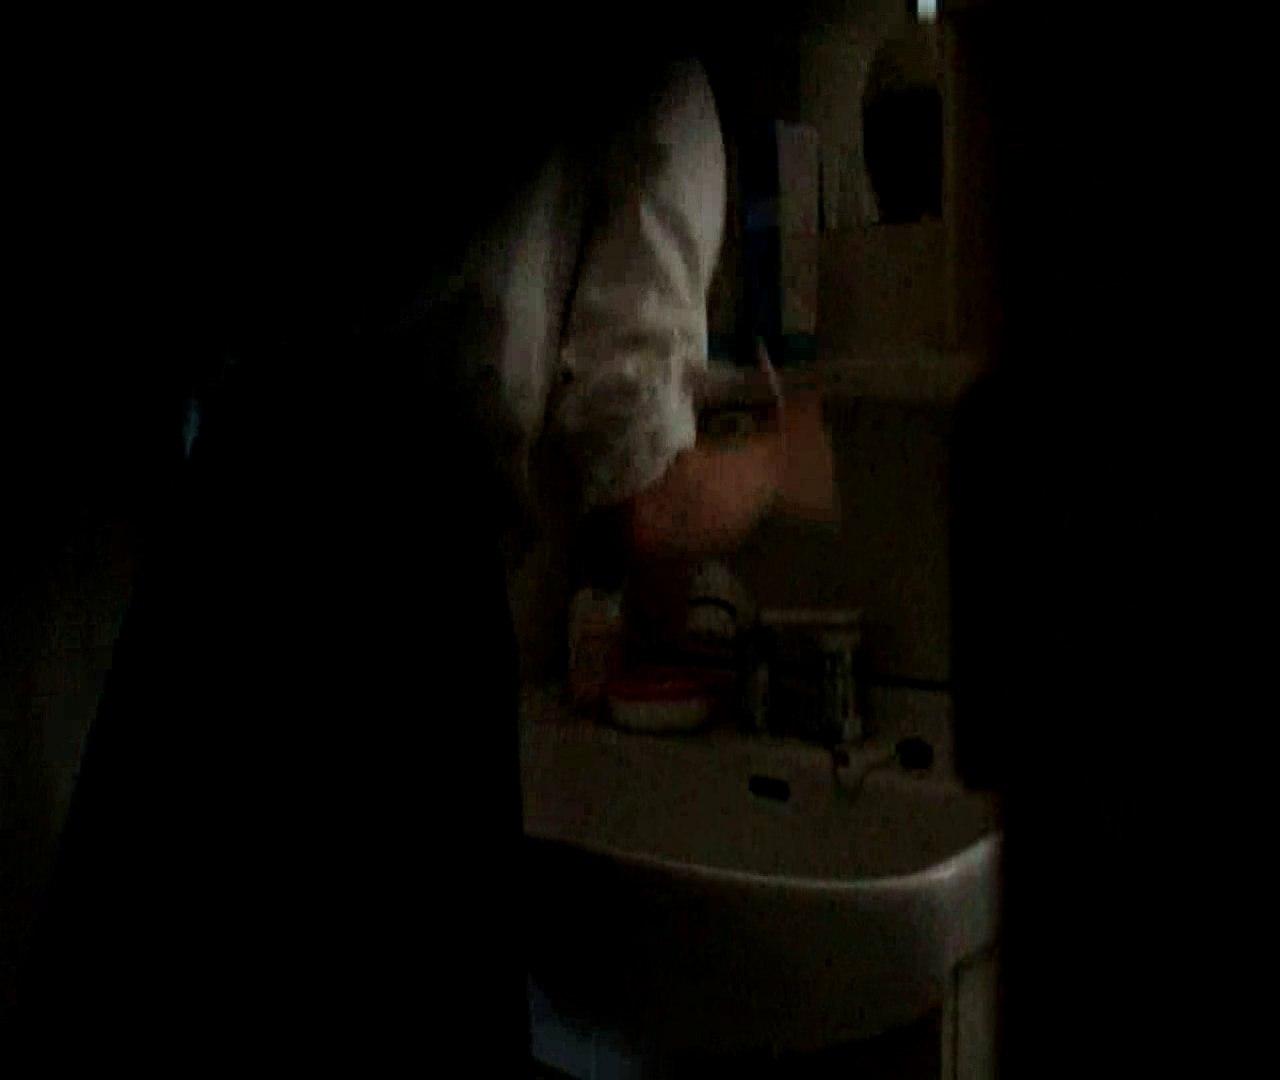 二人とも育てた甲斐がありました… vol.05 まどかが洗顔後にブラを洗濯 美しいOLの裸体  102pic 34